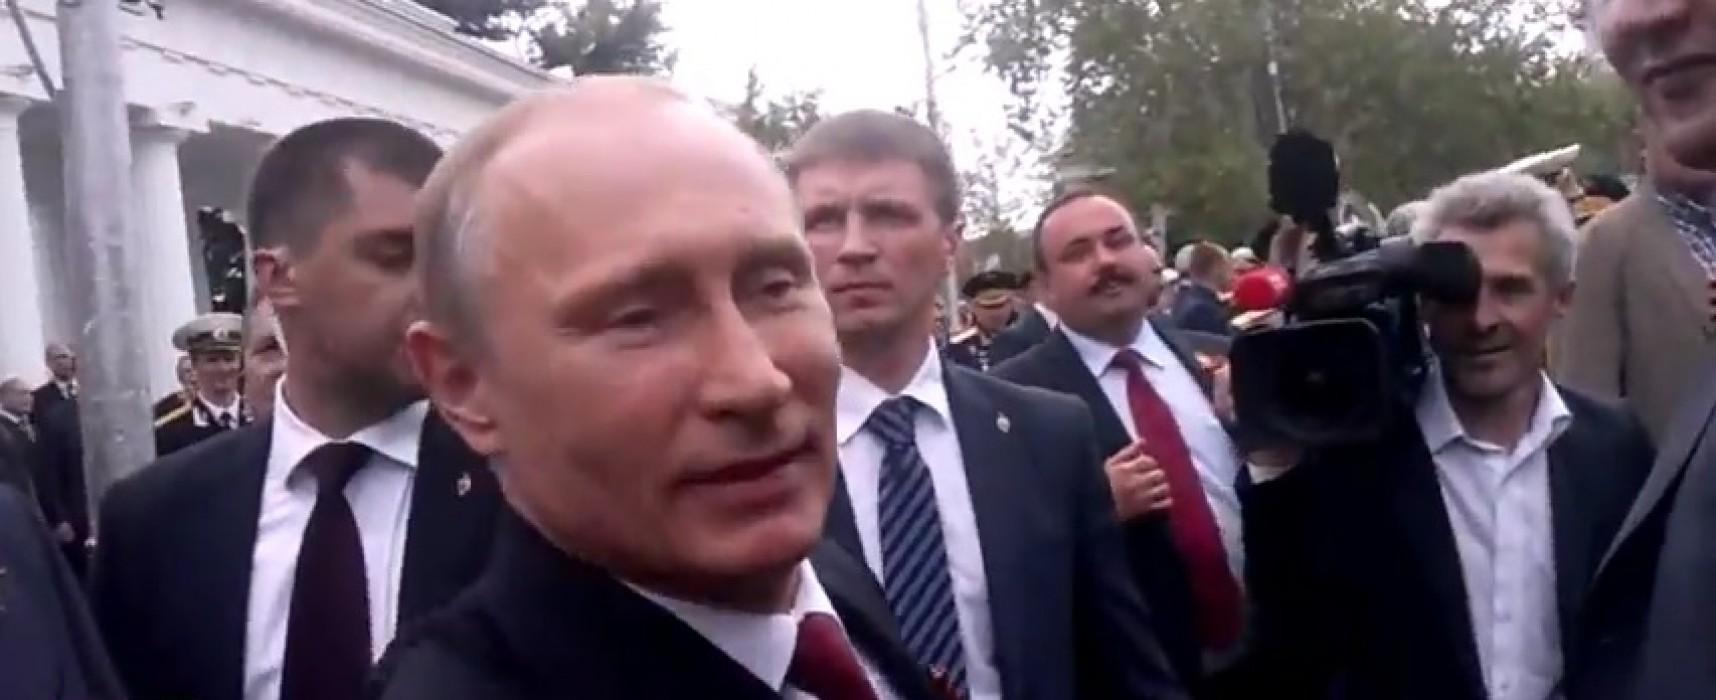 Майское видео из Севастополя представили как снятое в августе